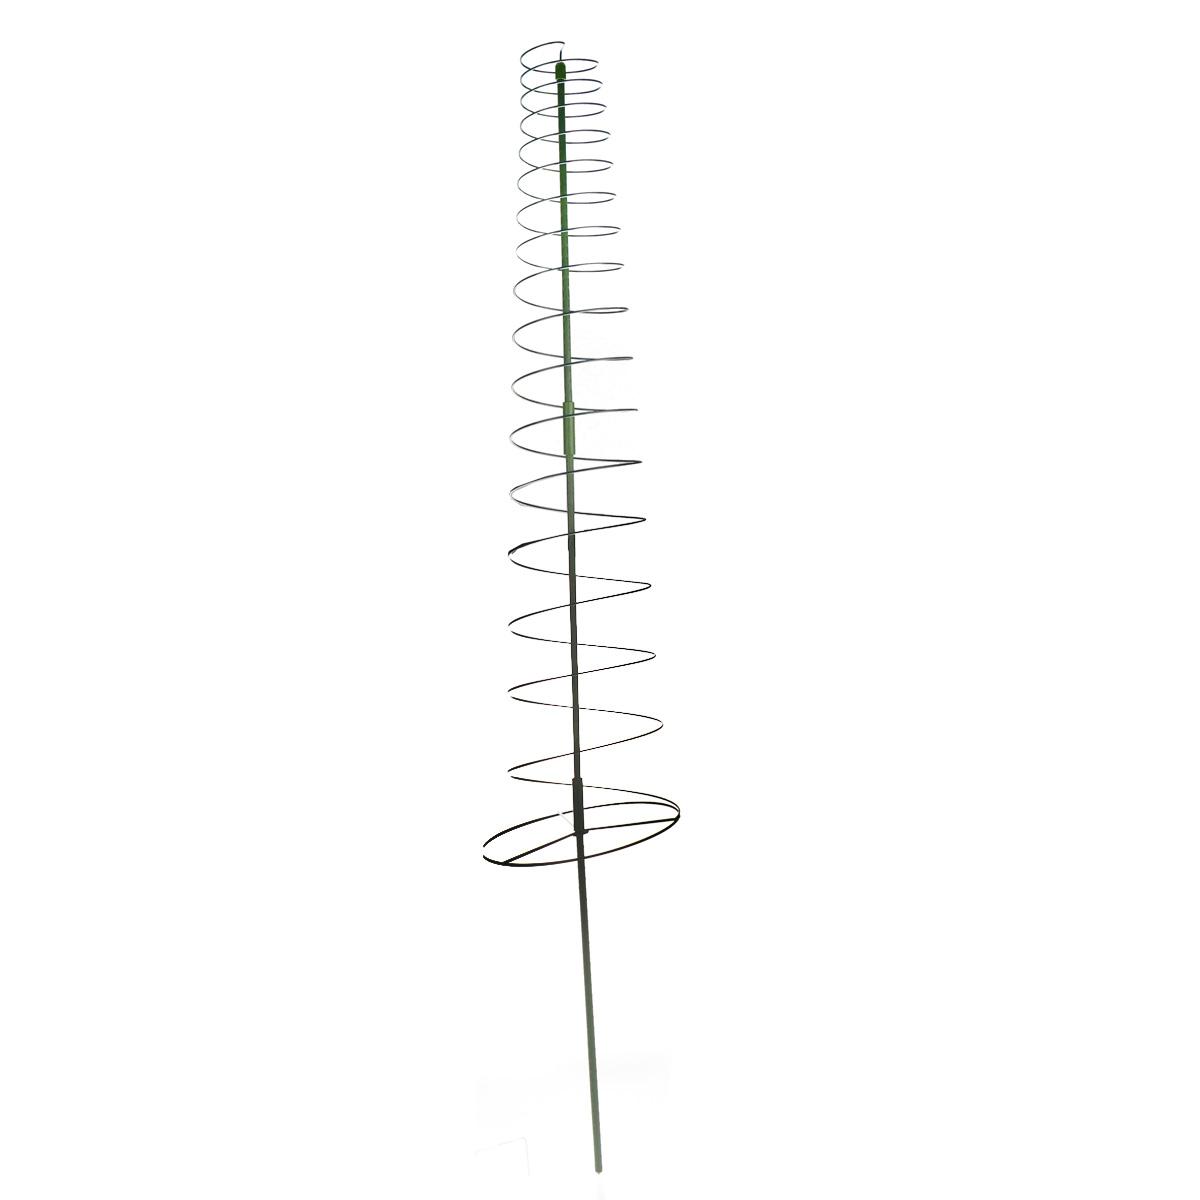 Спиральная поддержка Green Apple GTSQ, 45 смZ-0307Опора-спираль используется для поддержки как садовых, так и комнатных растений. Благодаря своей спиралевидной форме опора обеспечивает поддержку без подвязывания растения.